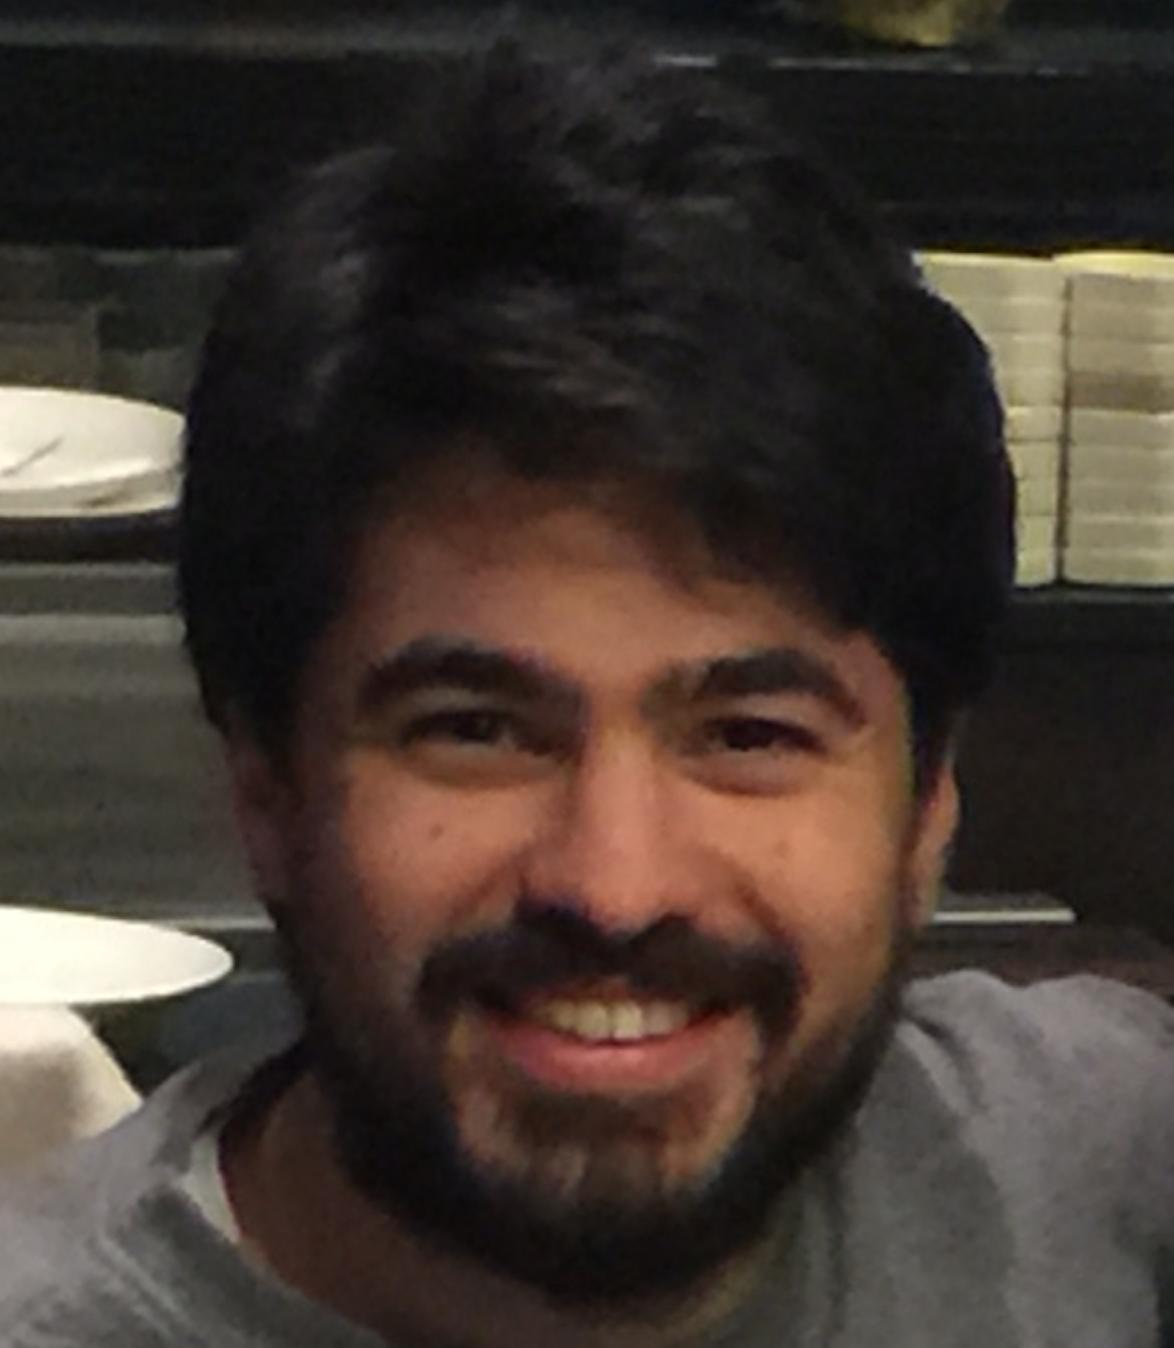 Photo of Emre Egerçen, ARC Co-Chair